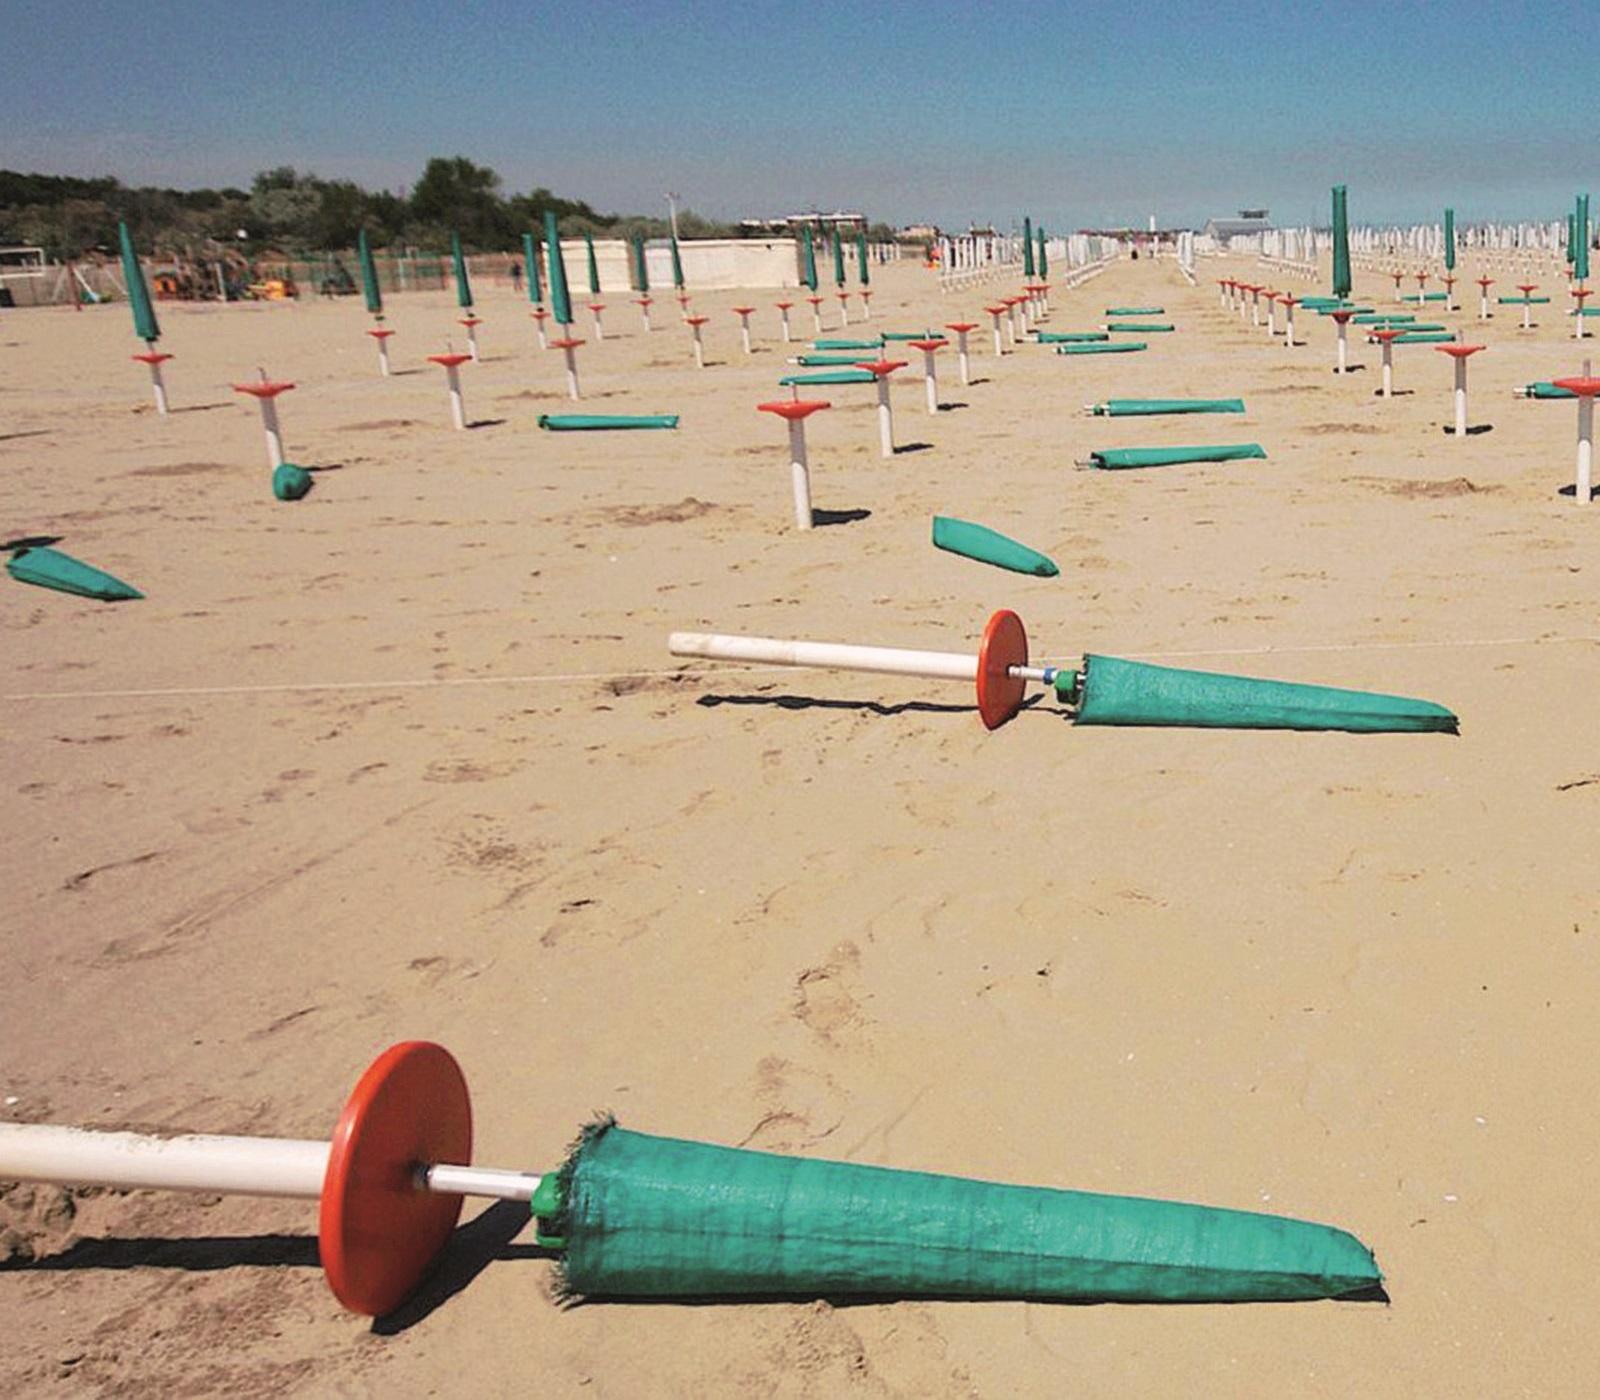 I vandali si scatenano in spiaggia